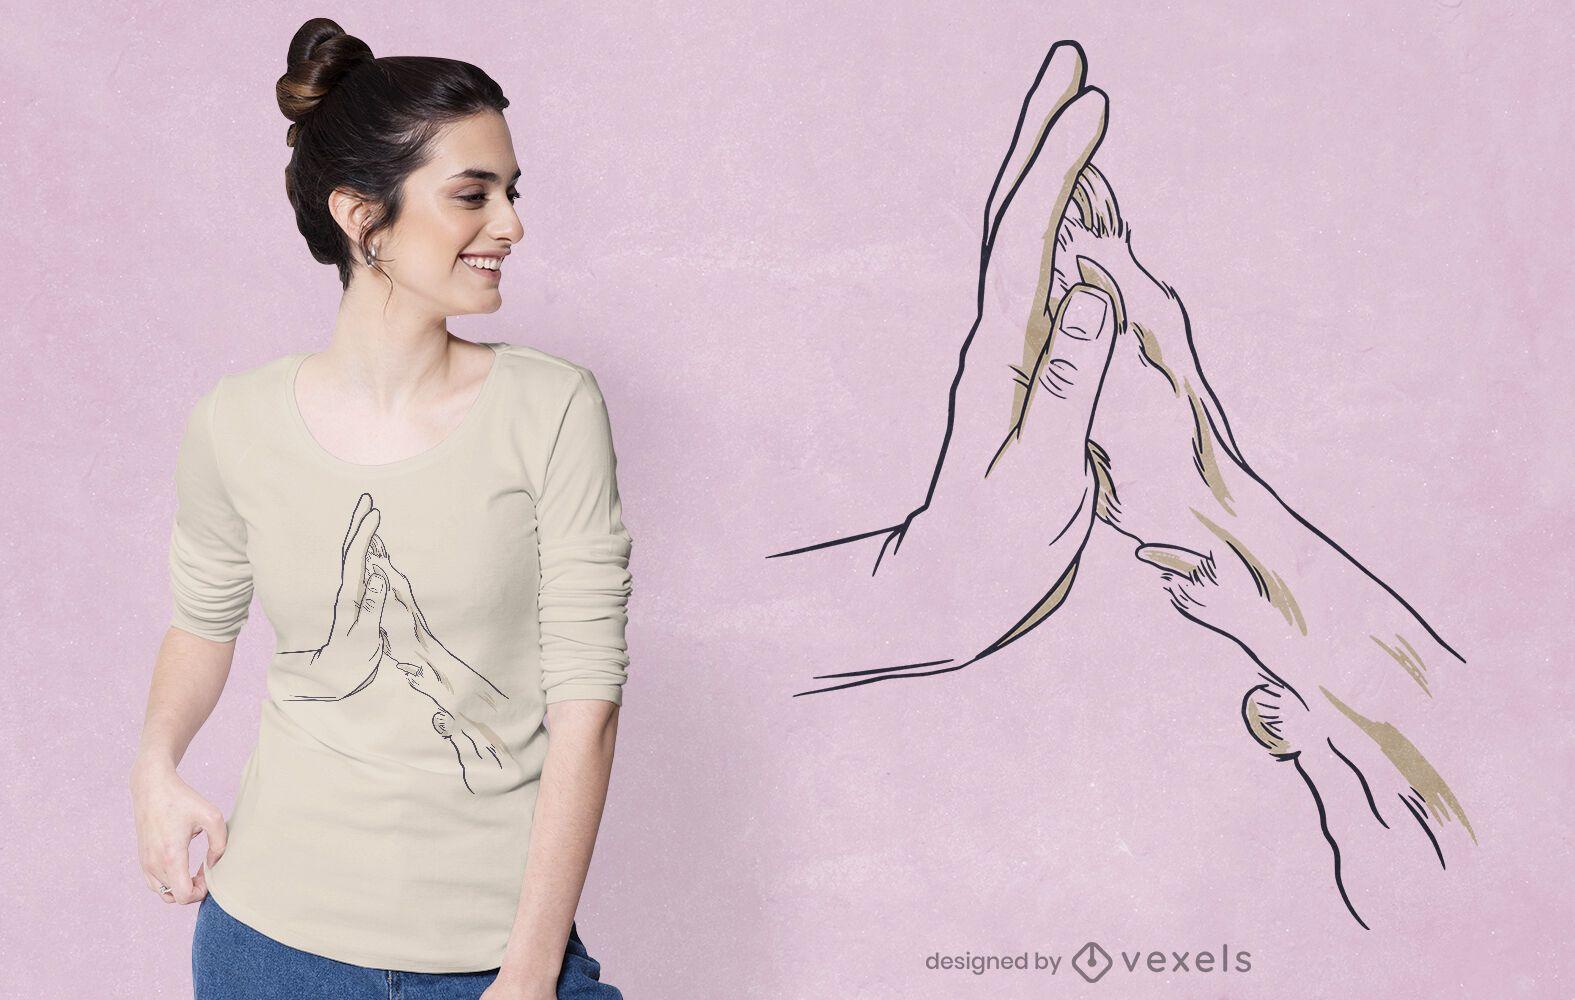 Diseño de camiseta de mano y pata.